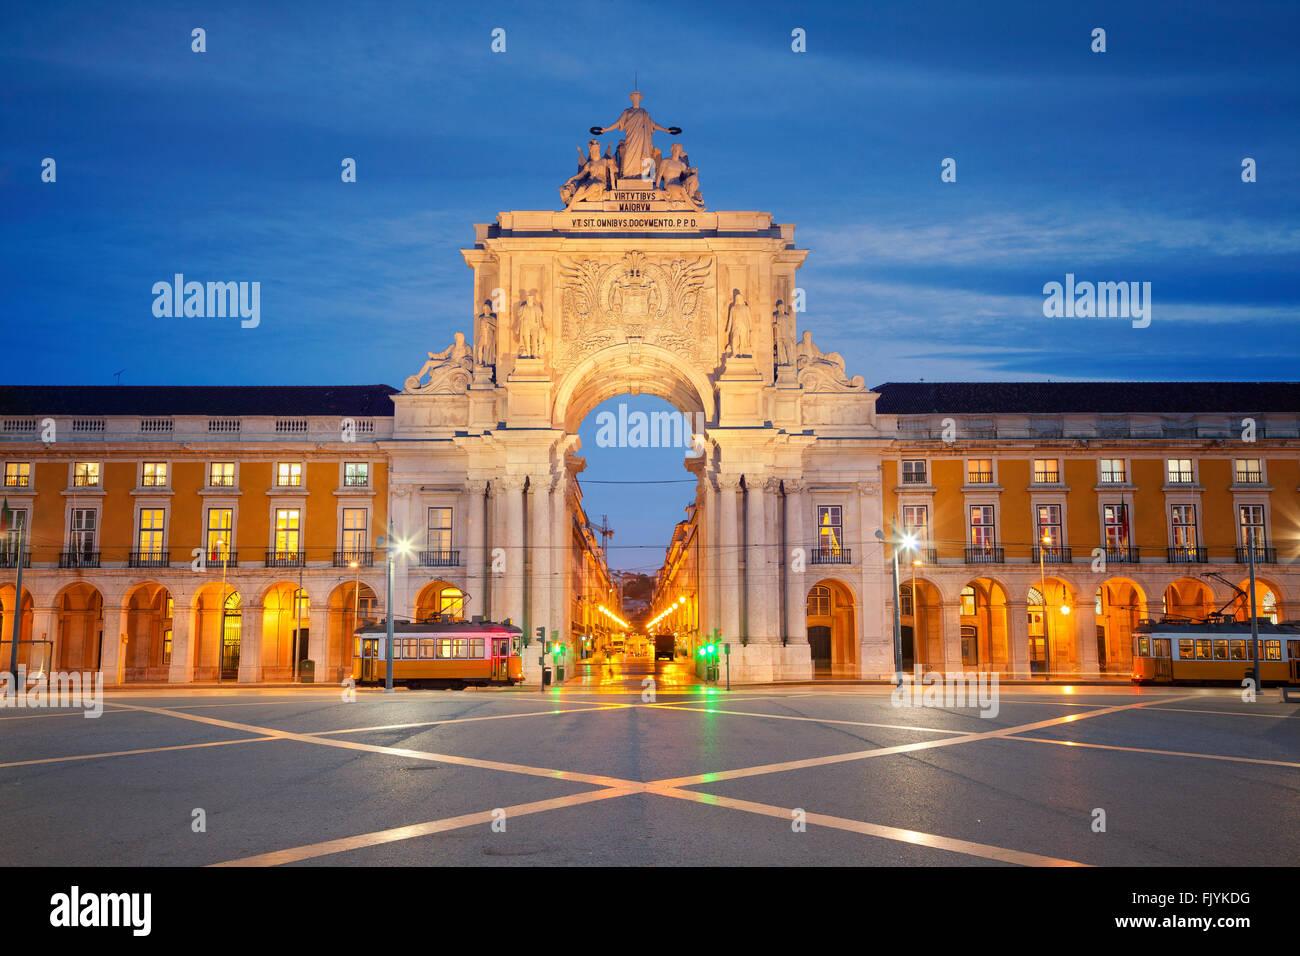 Lissabon. Bild der Triumphbogen in Lissabon, Portugal. Stockbild